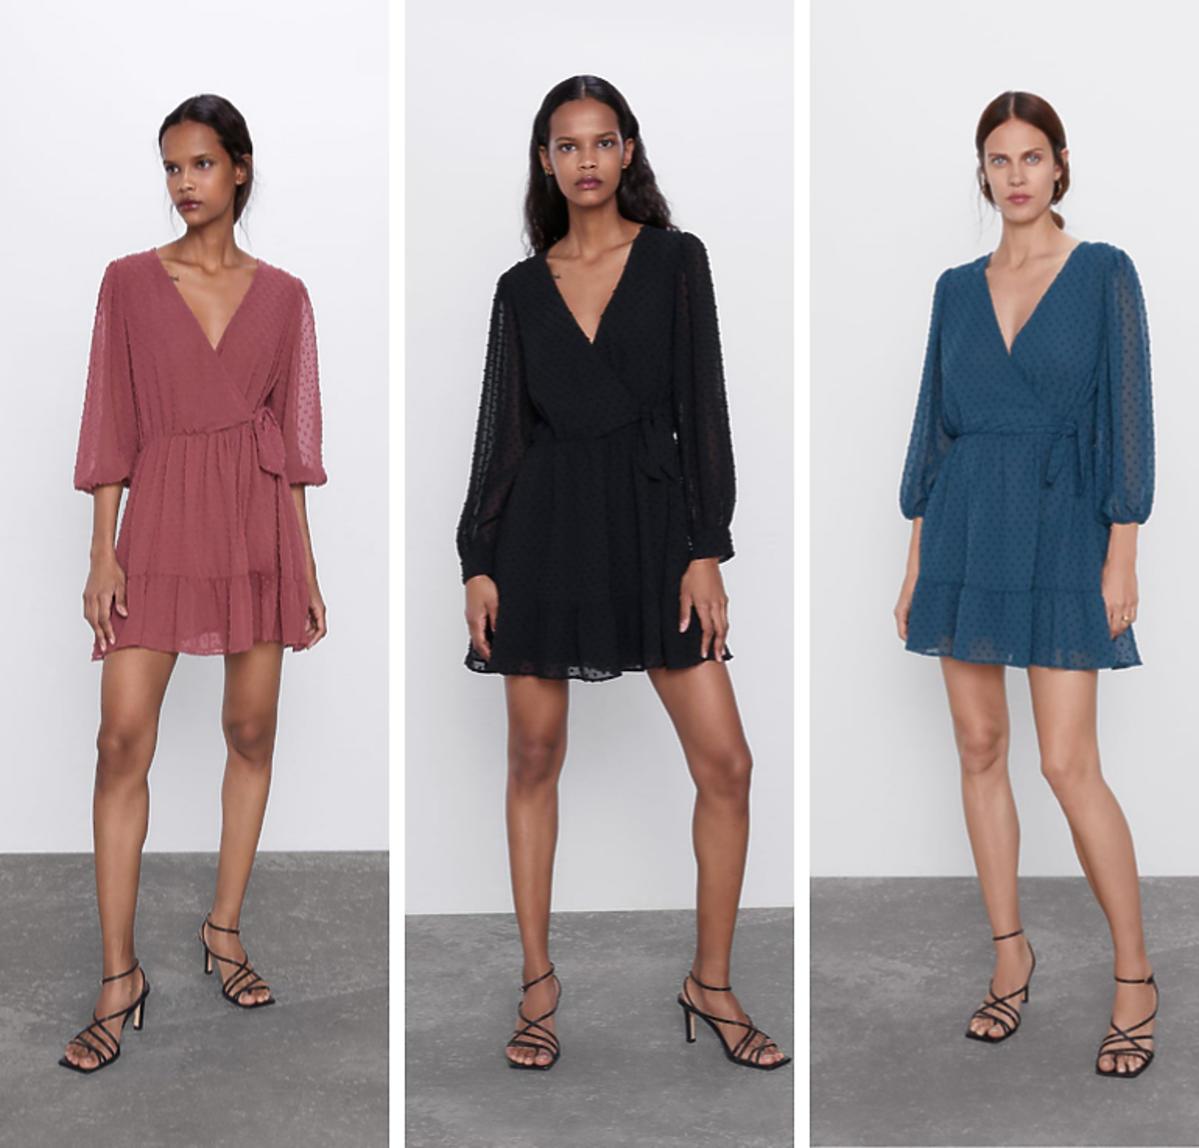 Sukienka Zara 139 zl